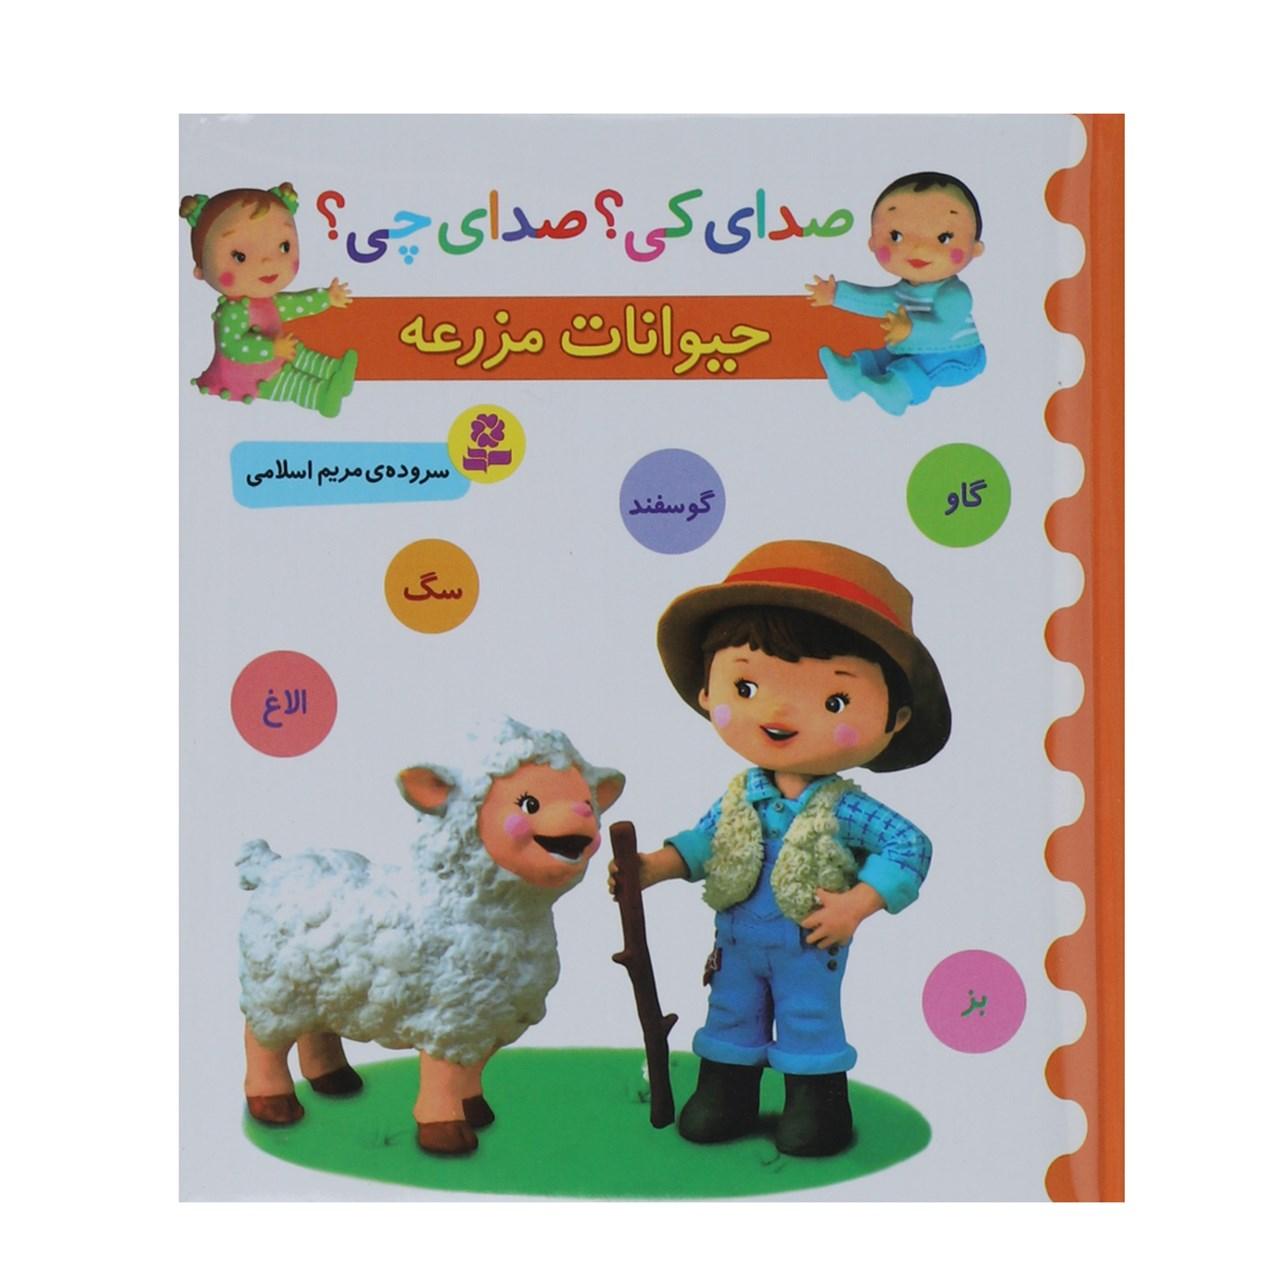 خرید                      کتاب صدای کی؟ صدای چی؟ حیوانات مزرعه اثر مریم اسلامی